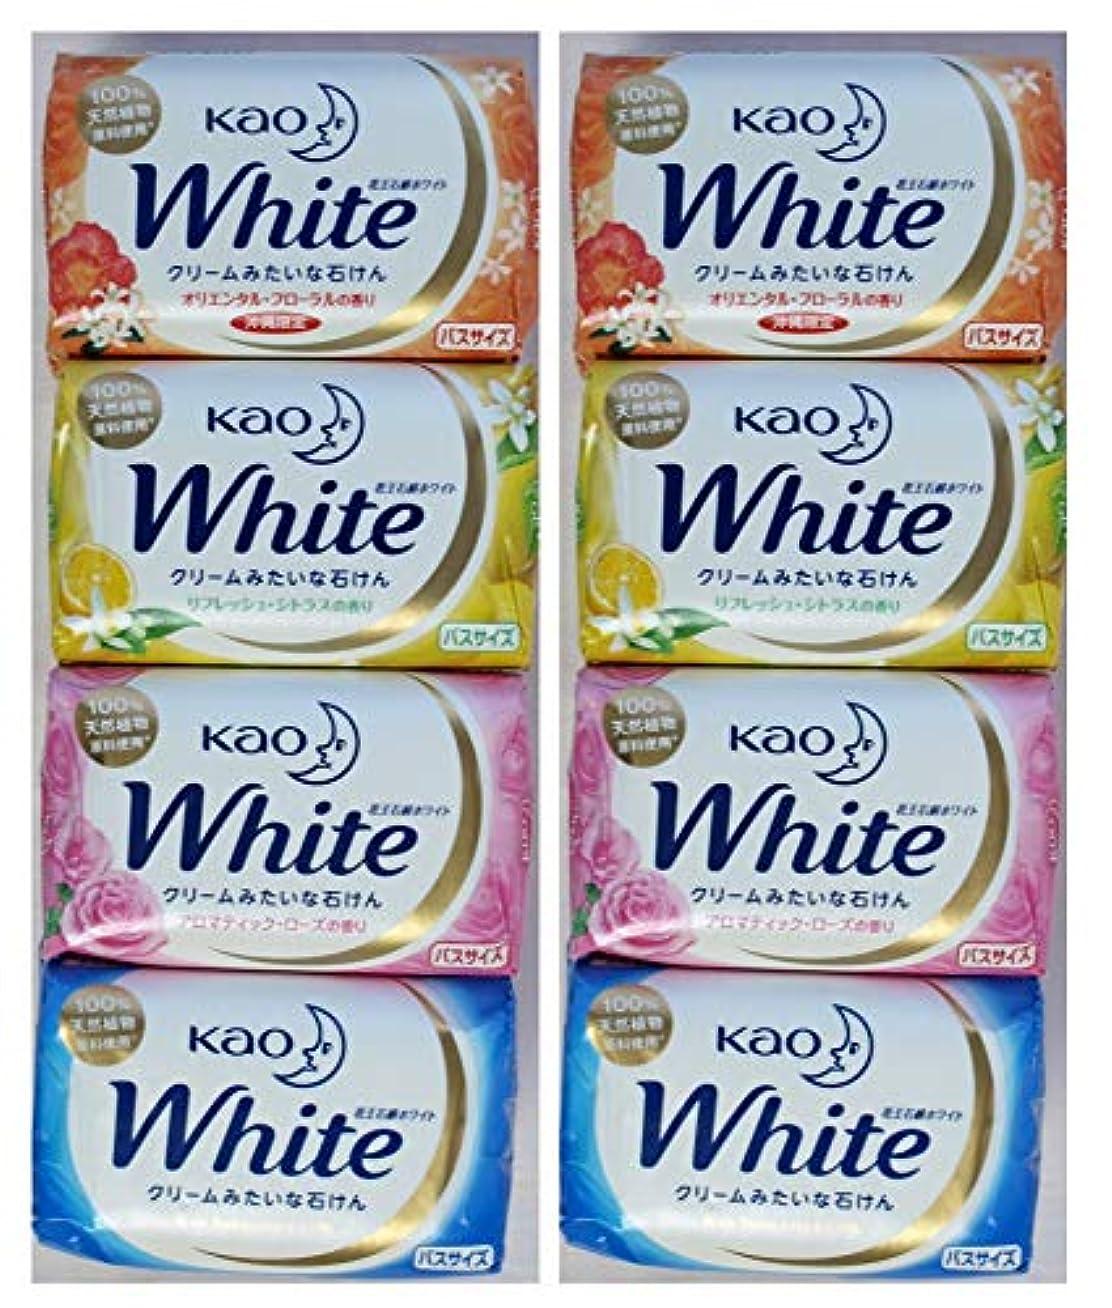 オピエート慈悲危機561988-8P 花王 Kao 石けんホワイト 4つの香り(オリエンタルフローラル/ホワイトフローラル/アロマティックローズ/リフレッシュシトラスの4種) 130g×4種×2set 計8個